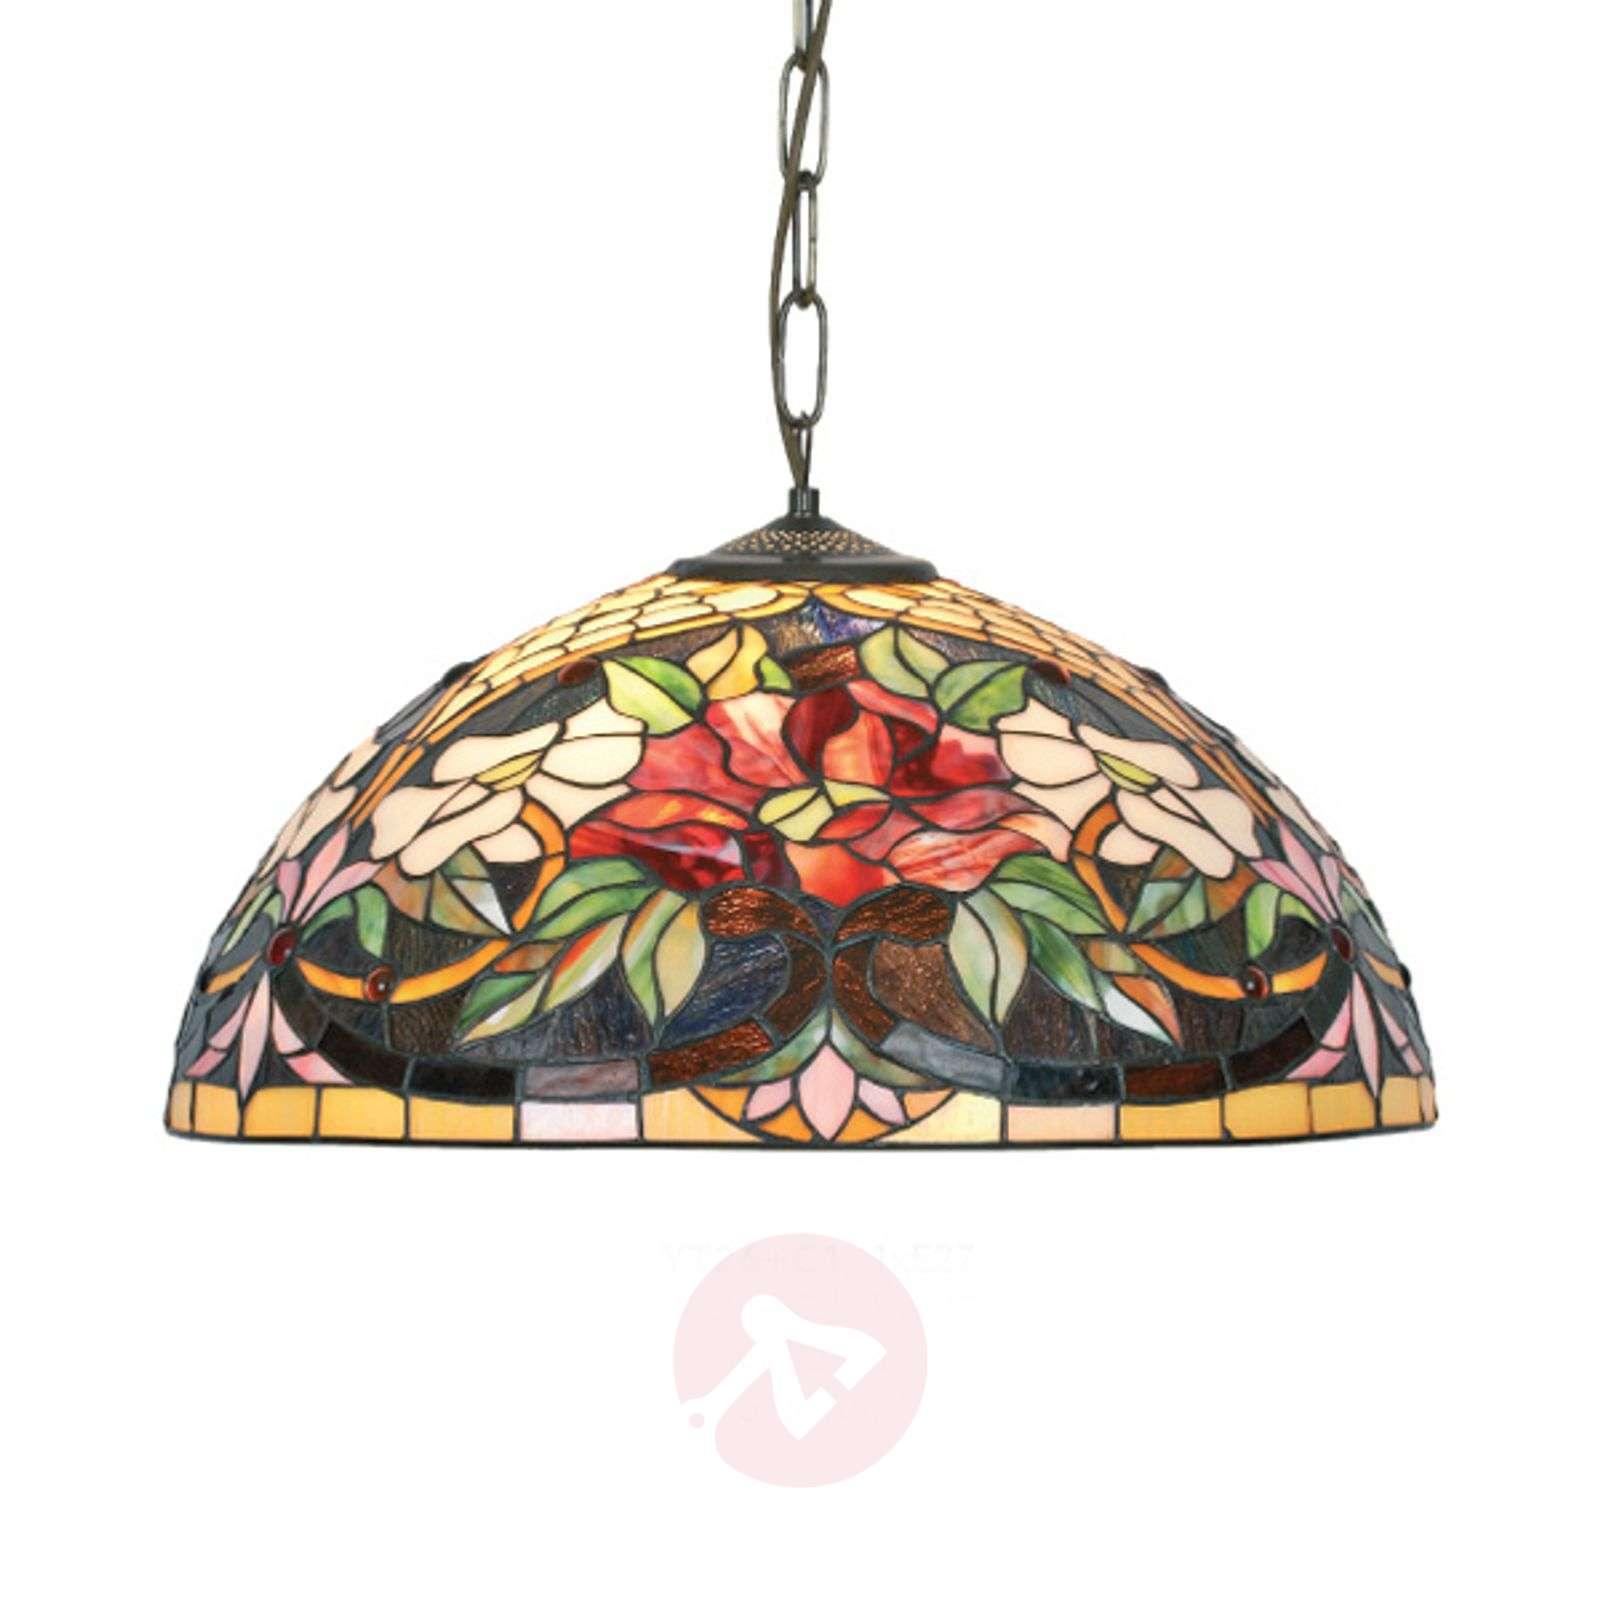 Tiffany-tyylinen Ariadne-riippuvalaisin, 1-lamp.-1032148-01